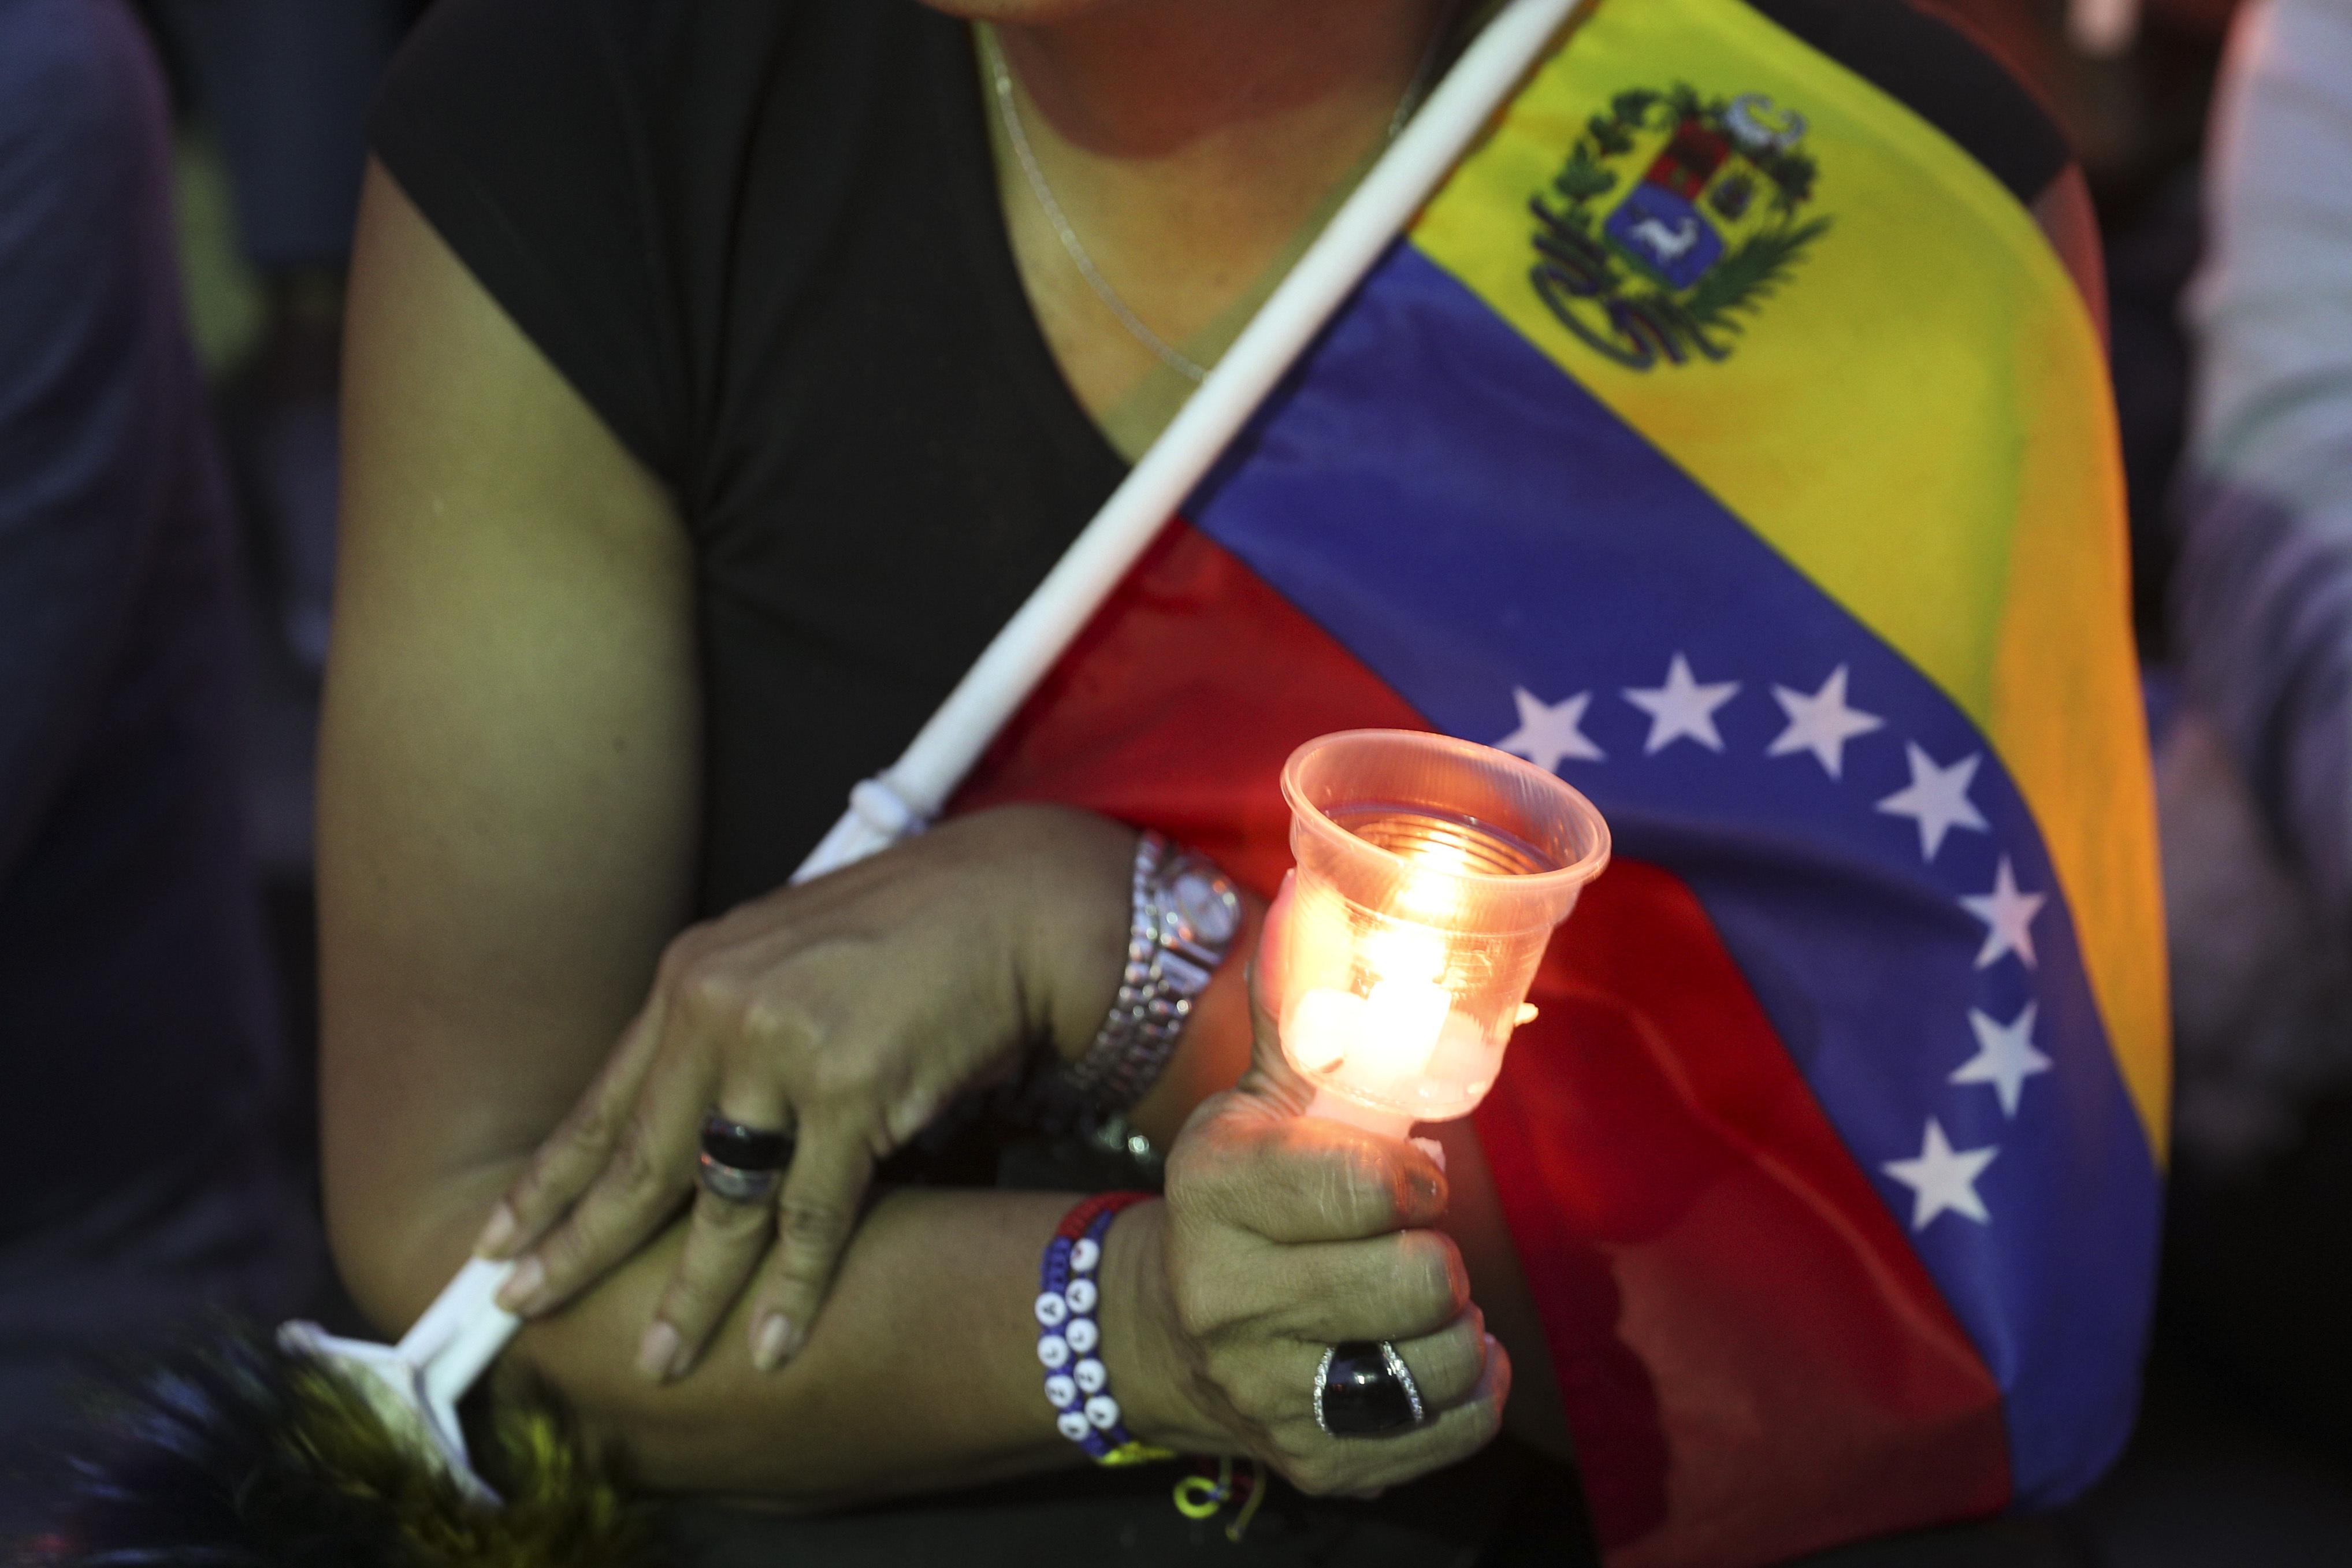 Una opositora al Gobierno del presidente Nicolás Maduro sostiene una vela durante una vigiliapor aquellos que fallecieron en enfrentamientos la semana pasada en Caracas, Venezuela, el domingo 5 de mayo de 2019 (AP Photo/ Martin Mejia)